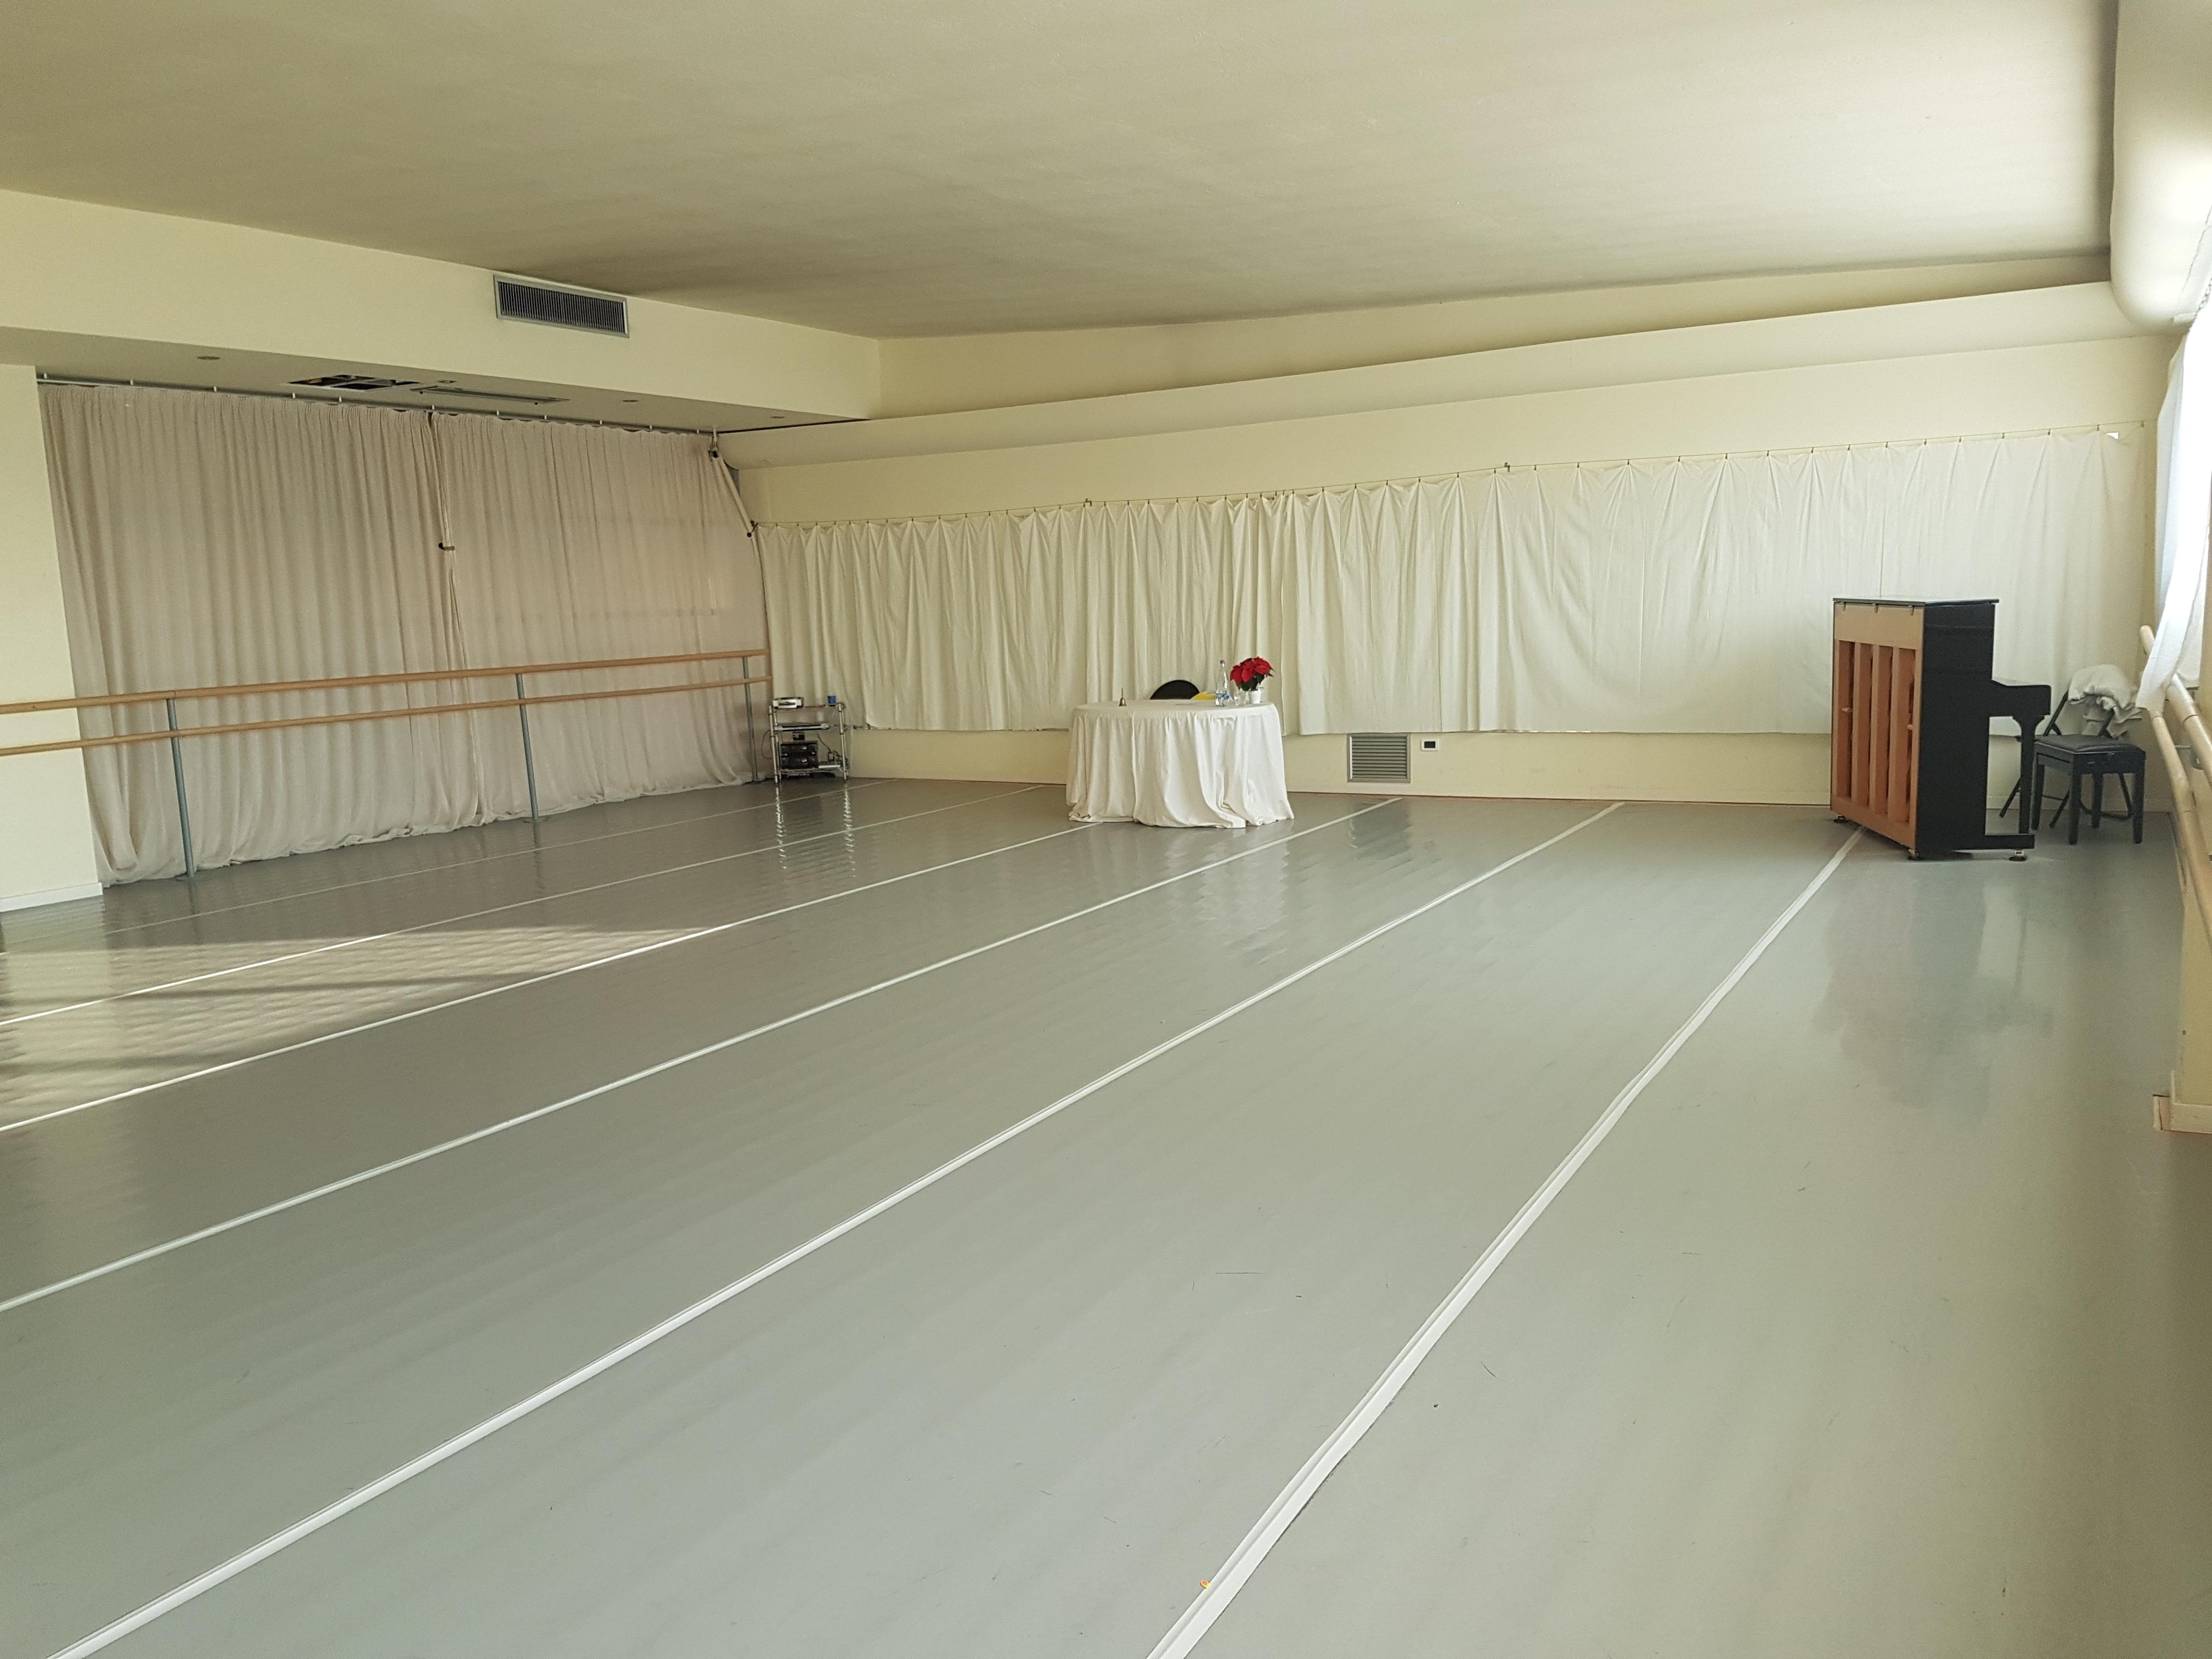 la scuola laboratorio danza verona. Black Bedroom Furniture Sets. Home Design Ideas